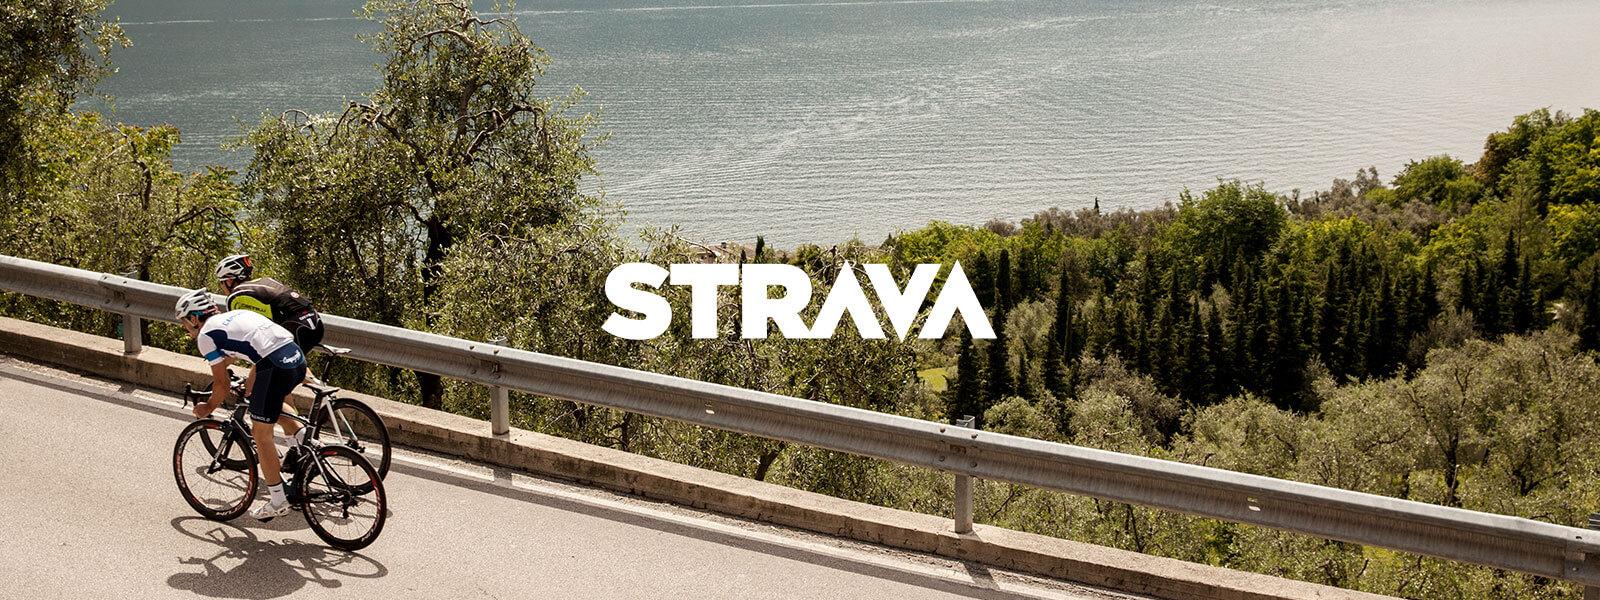 strava - featured